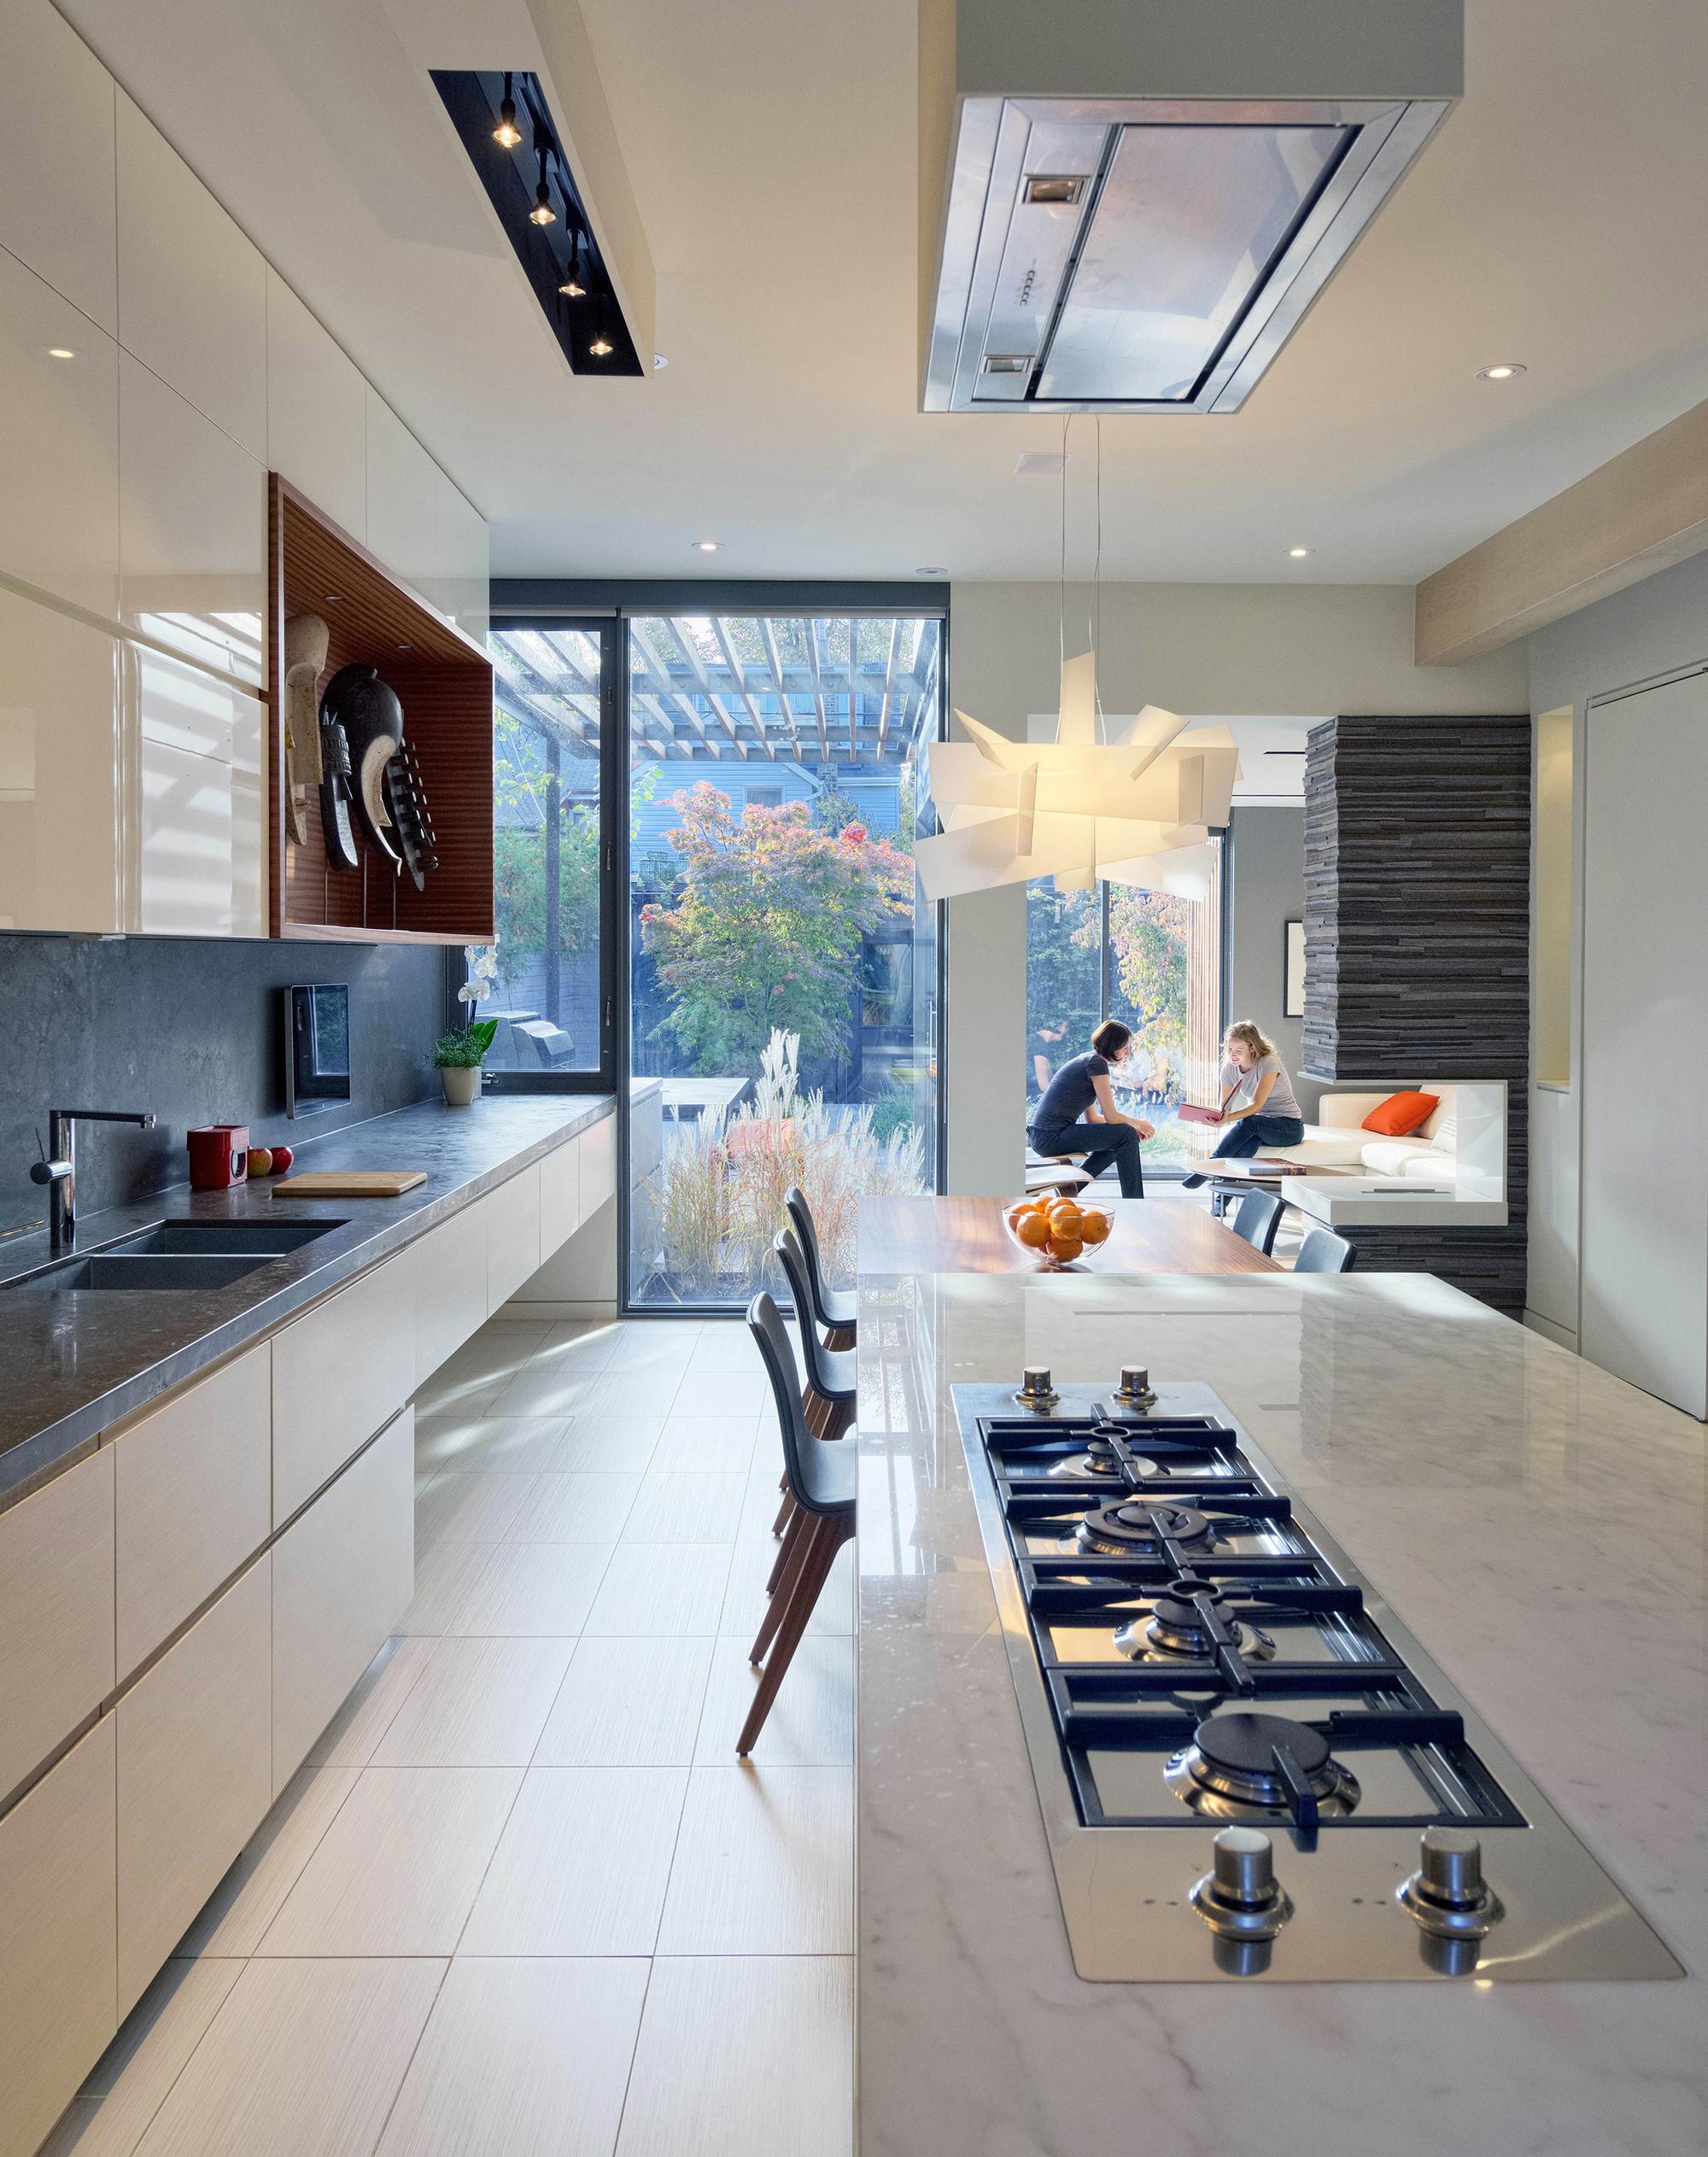 Galer a de through house dubbeldam architecture design 3 for Dubbeldam architecture and design s contrast house